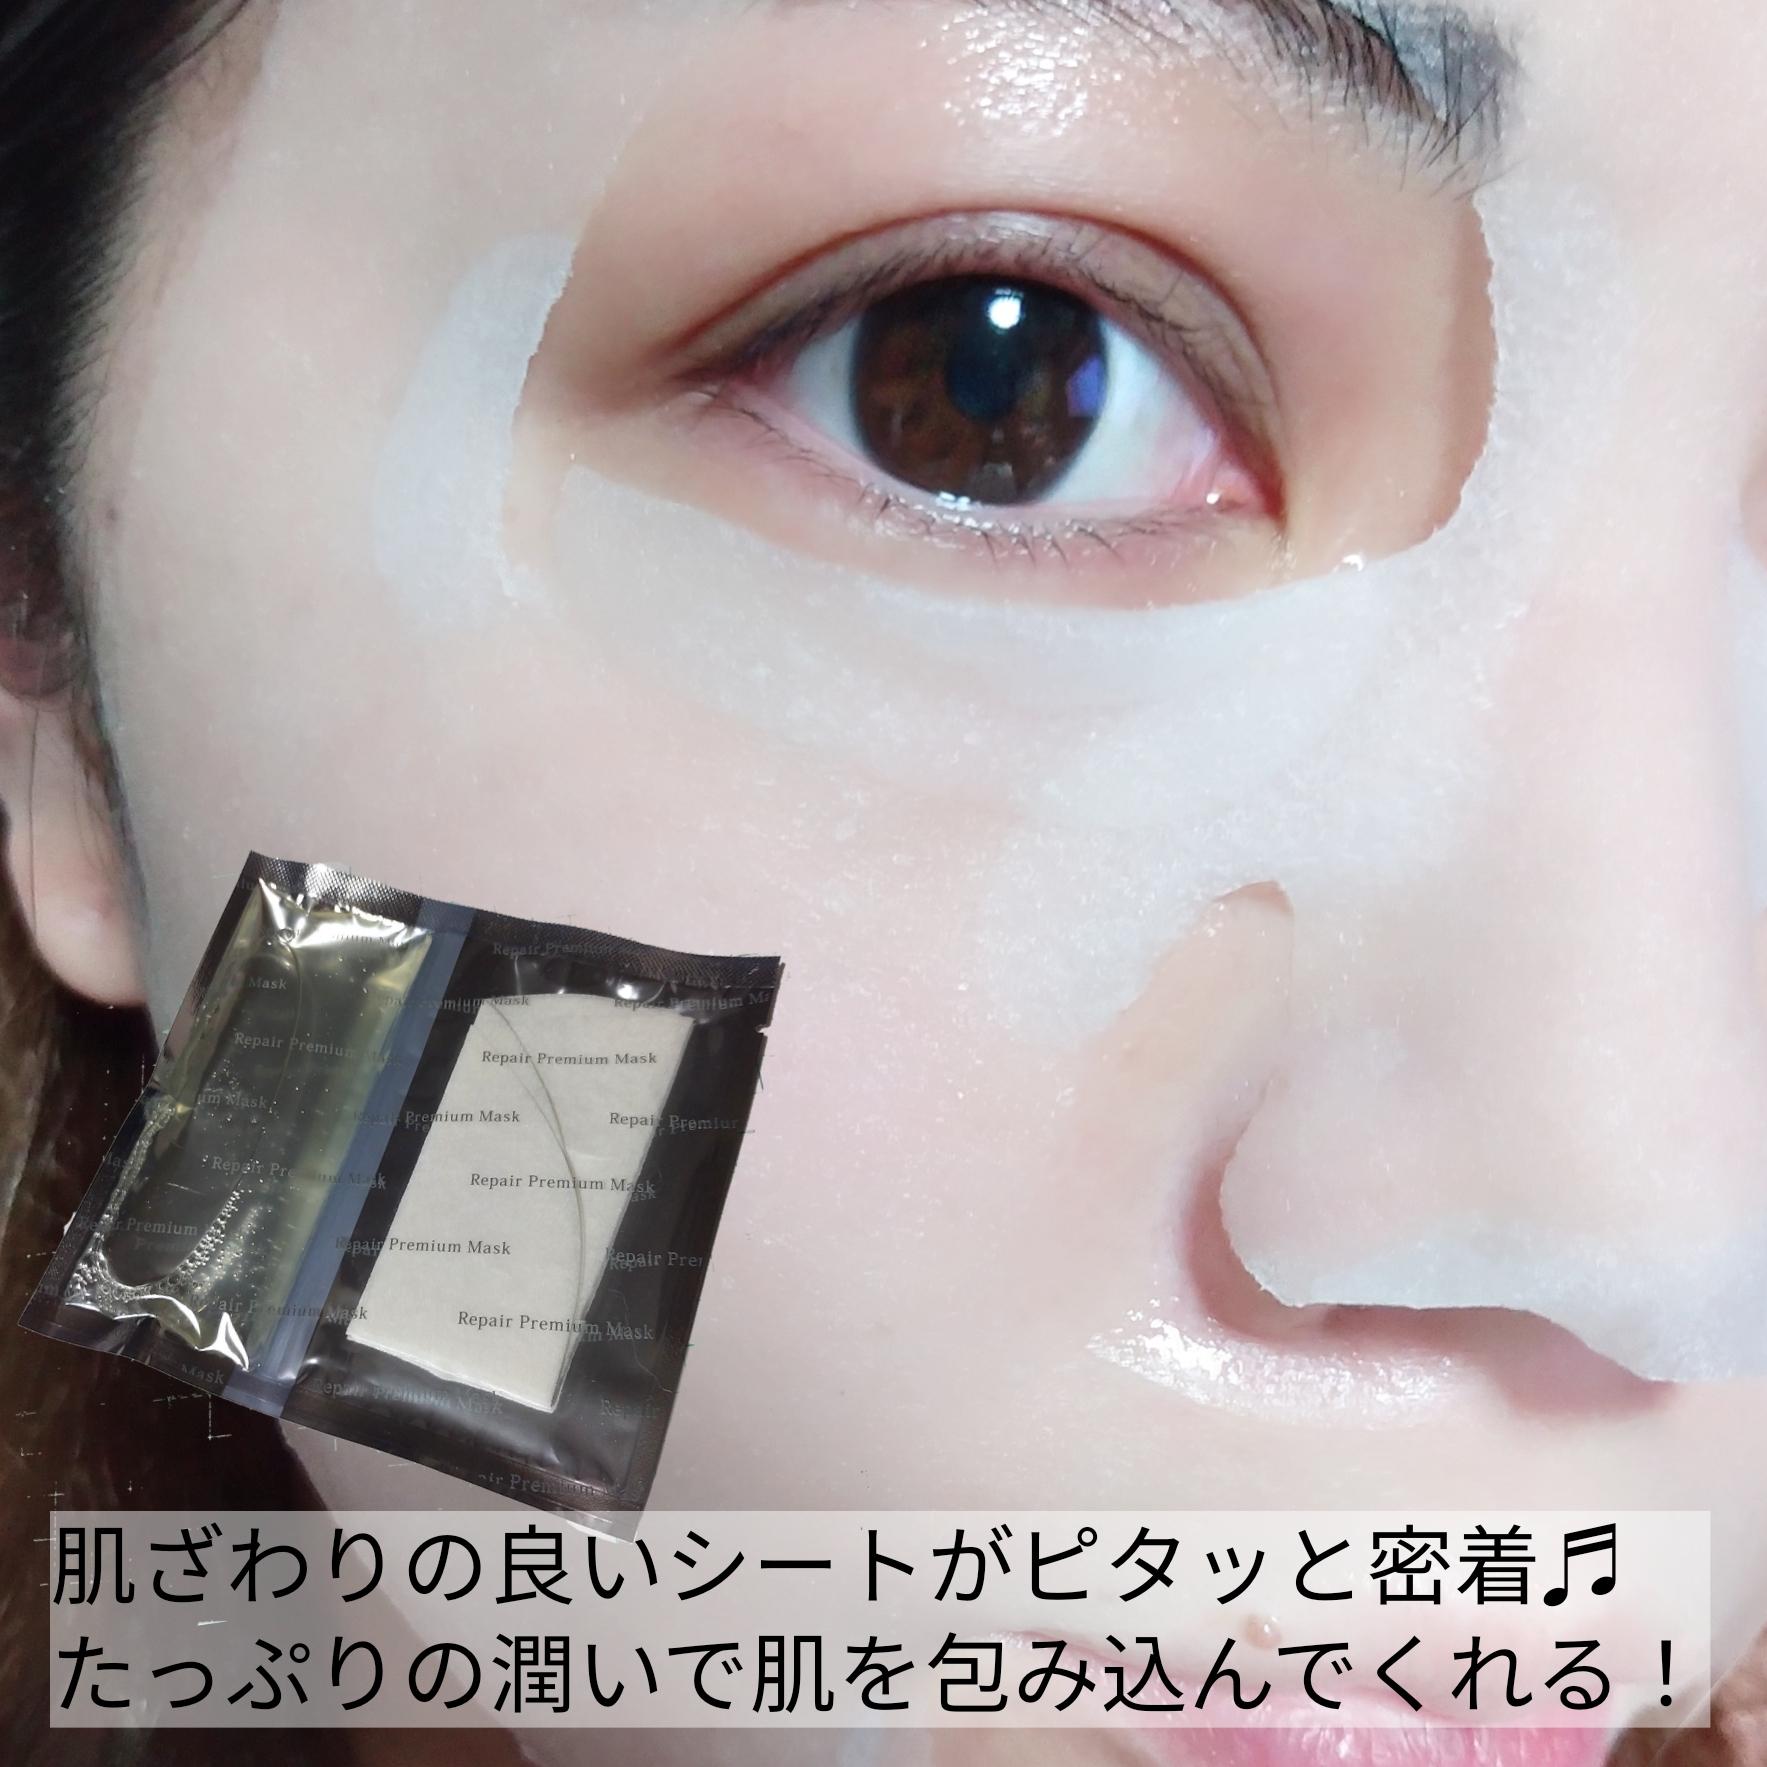 RISOU(リソウ)リペアプレミアムマスクを使ったまるもふさんのクチコミ画像8